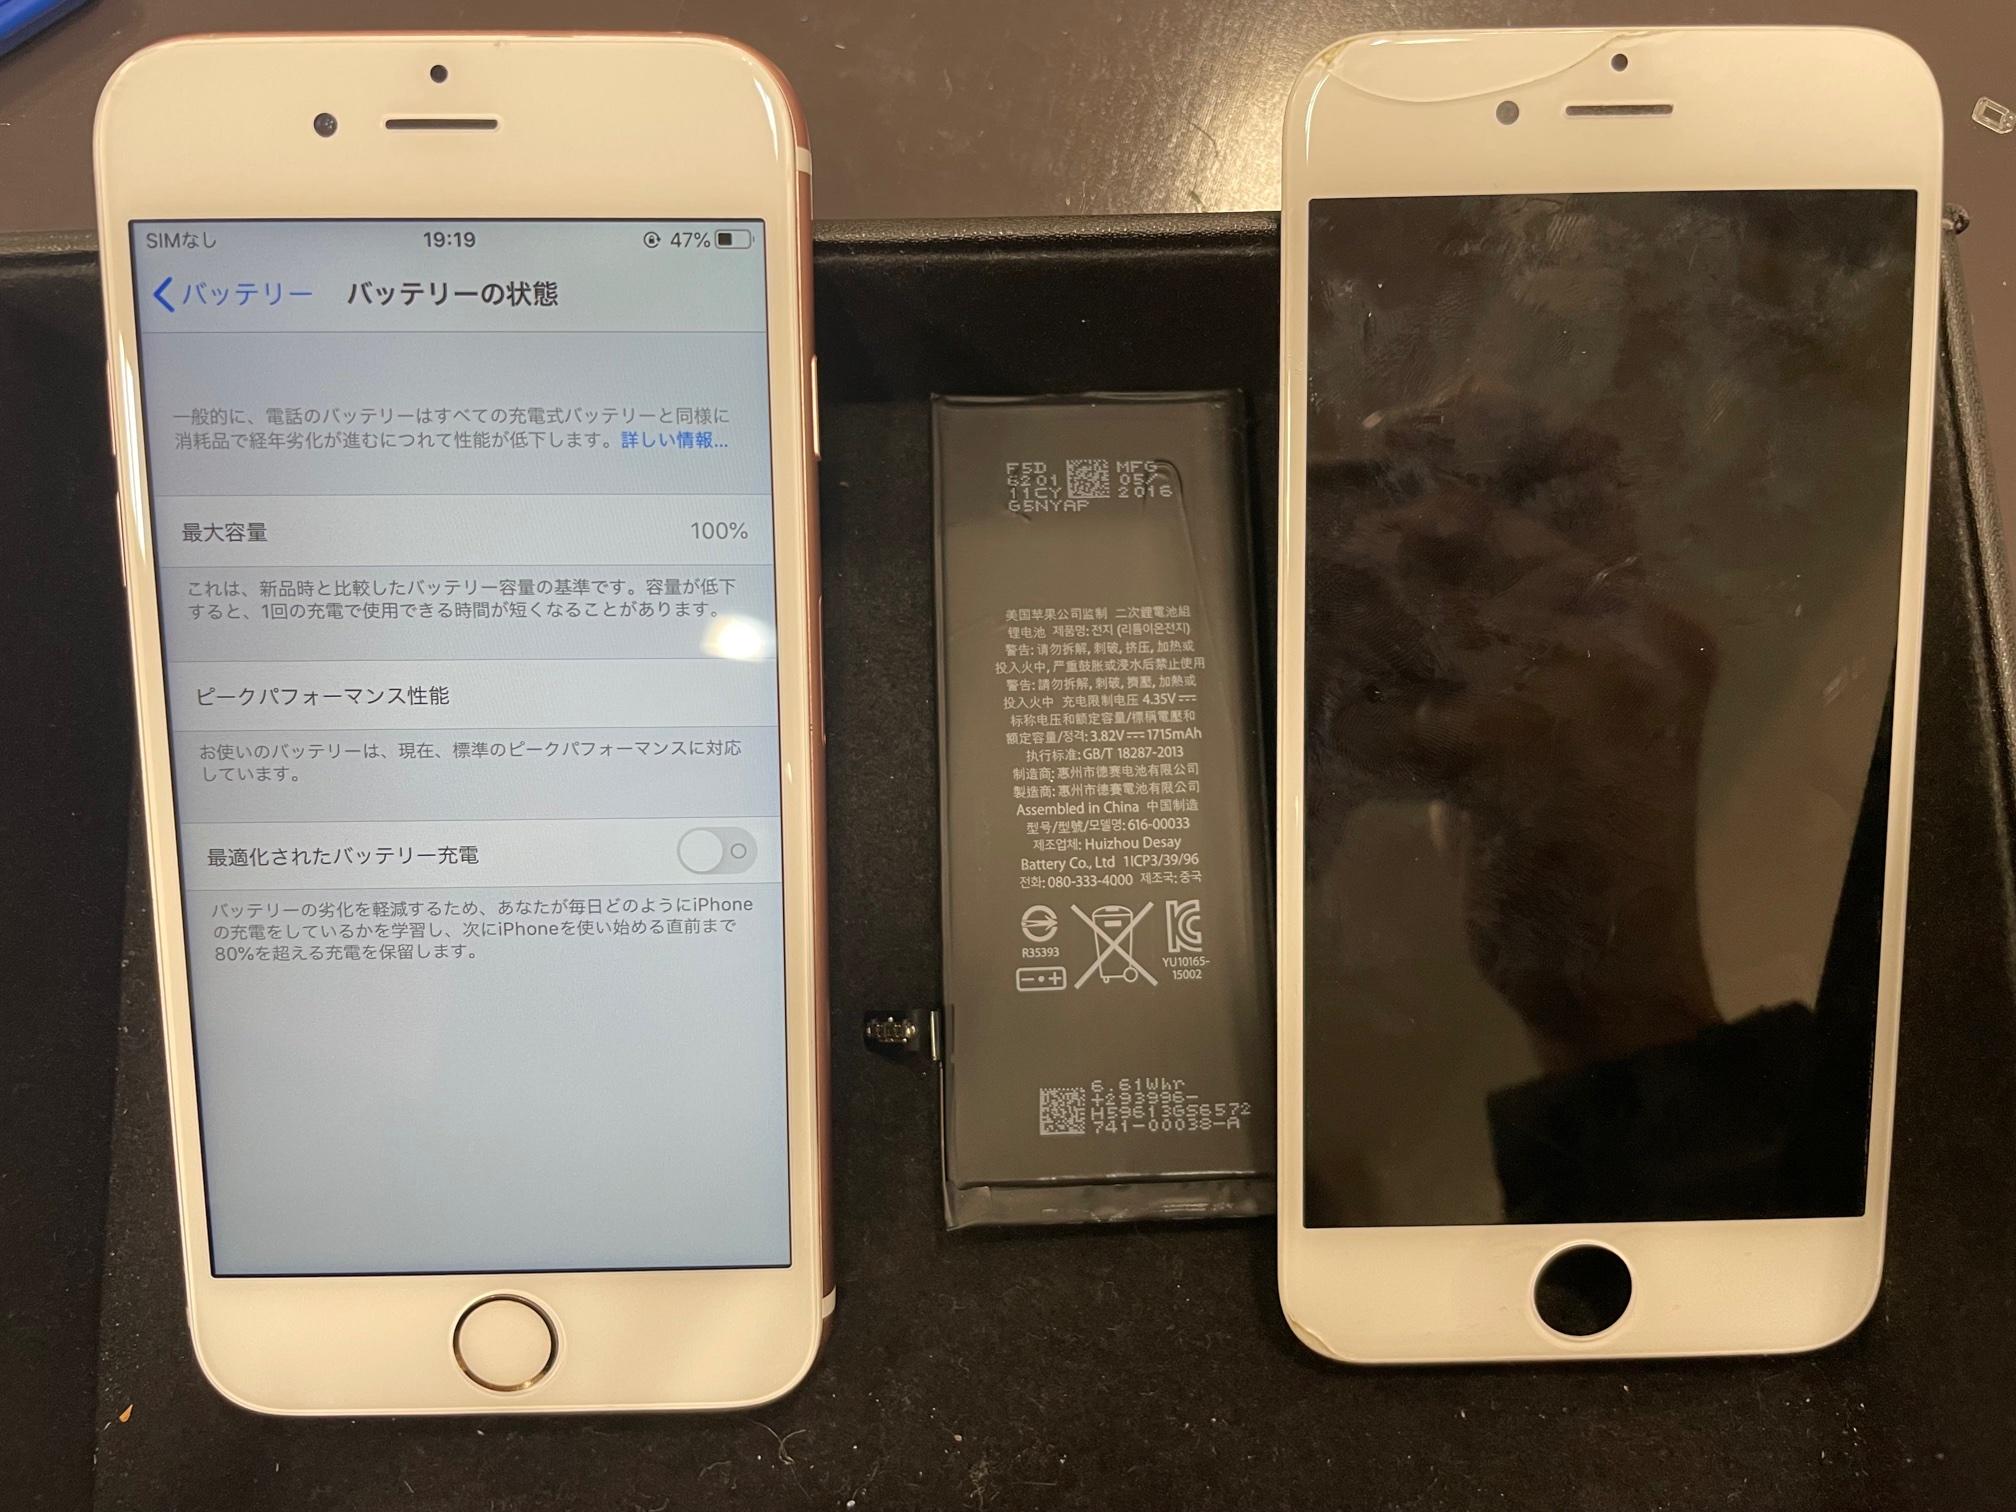 【iPhone6S│鈴鹿市からのご来店】画面・バッテリー交換をさせていただきました!